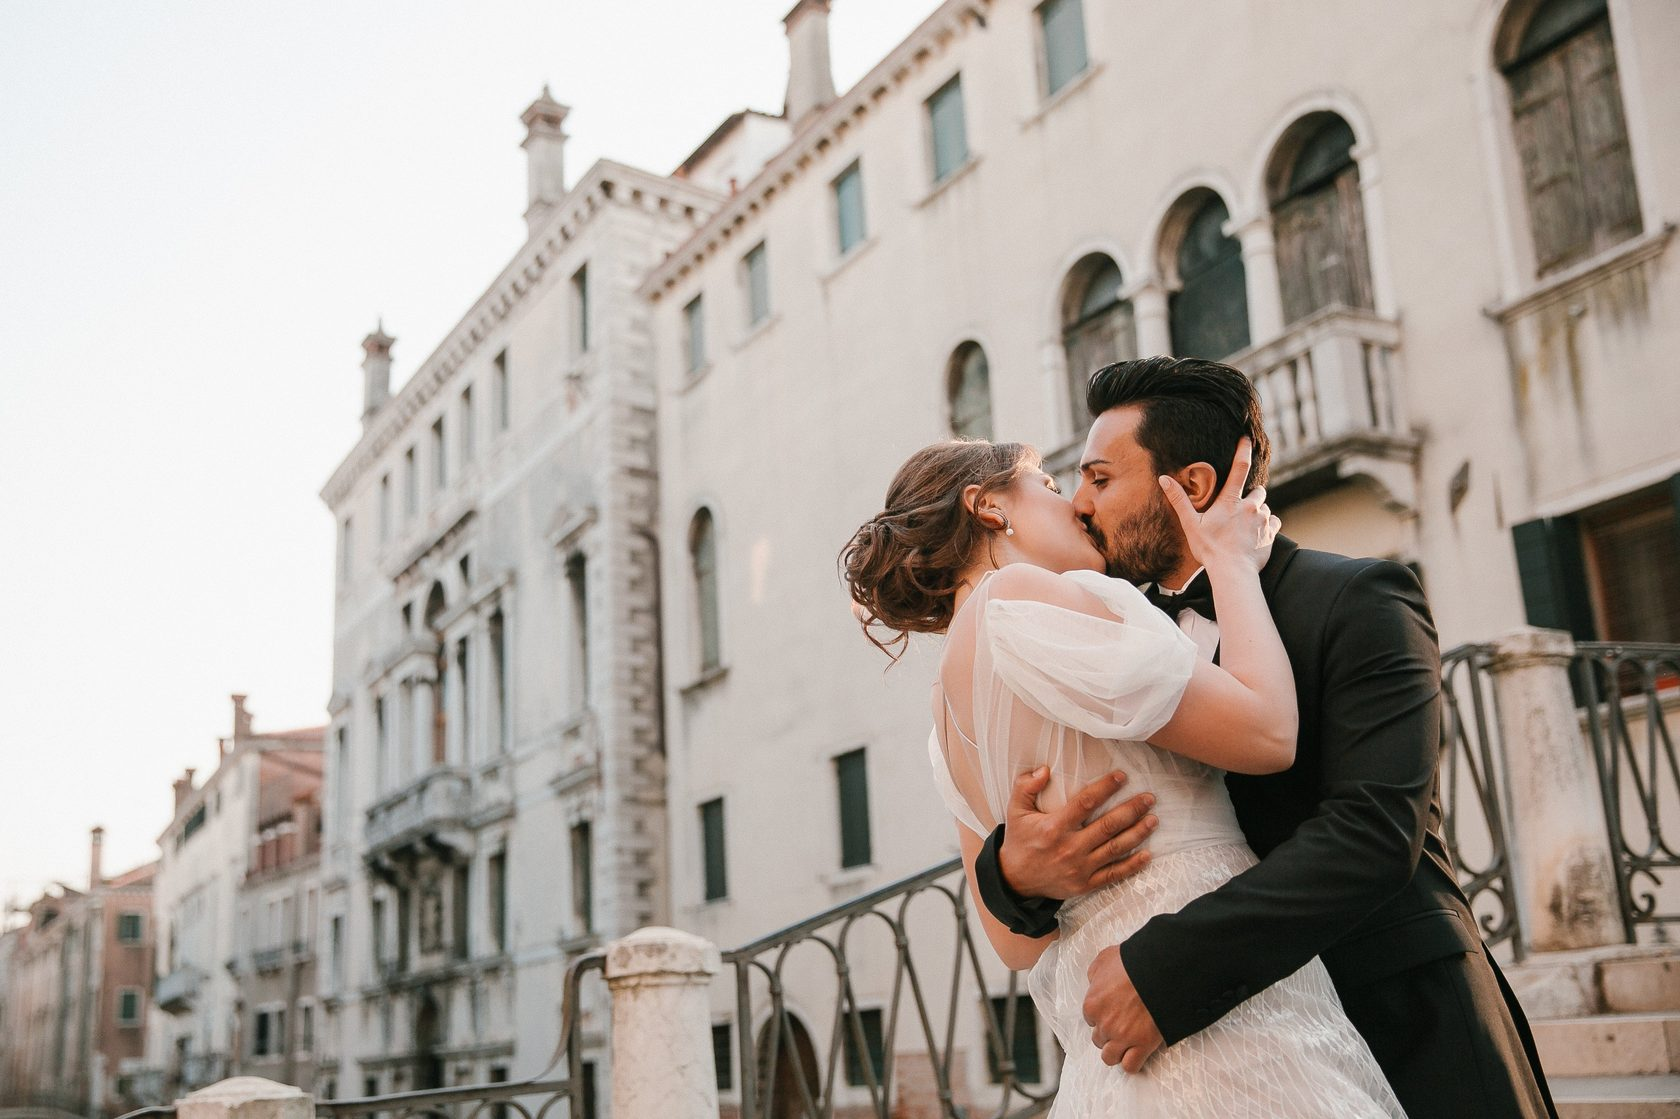 итальянские свадебные фотографы грецких орехов используют